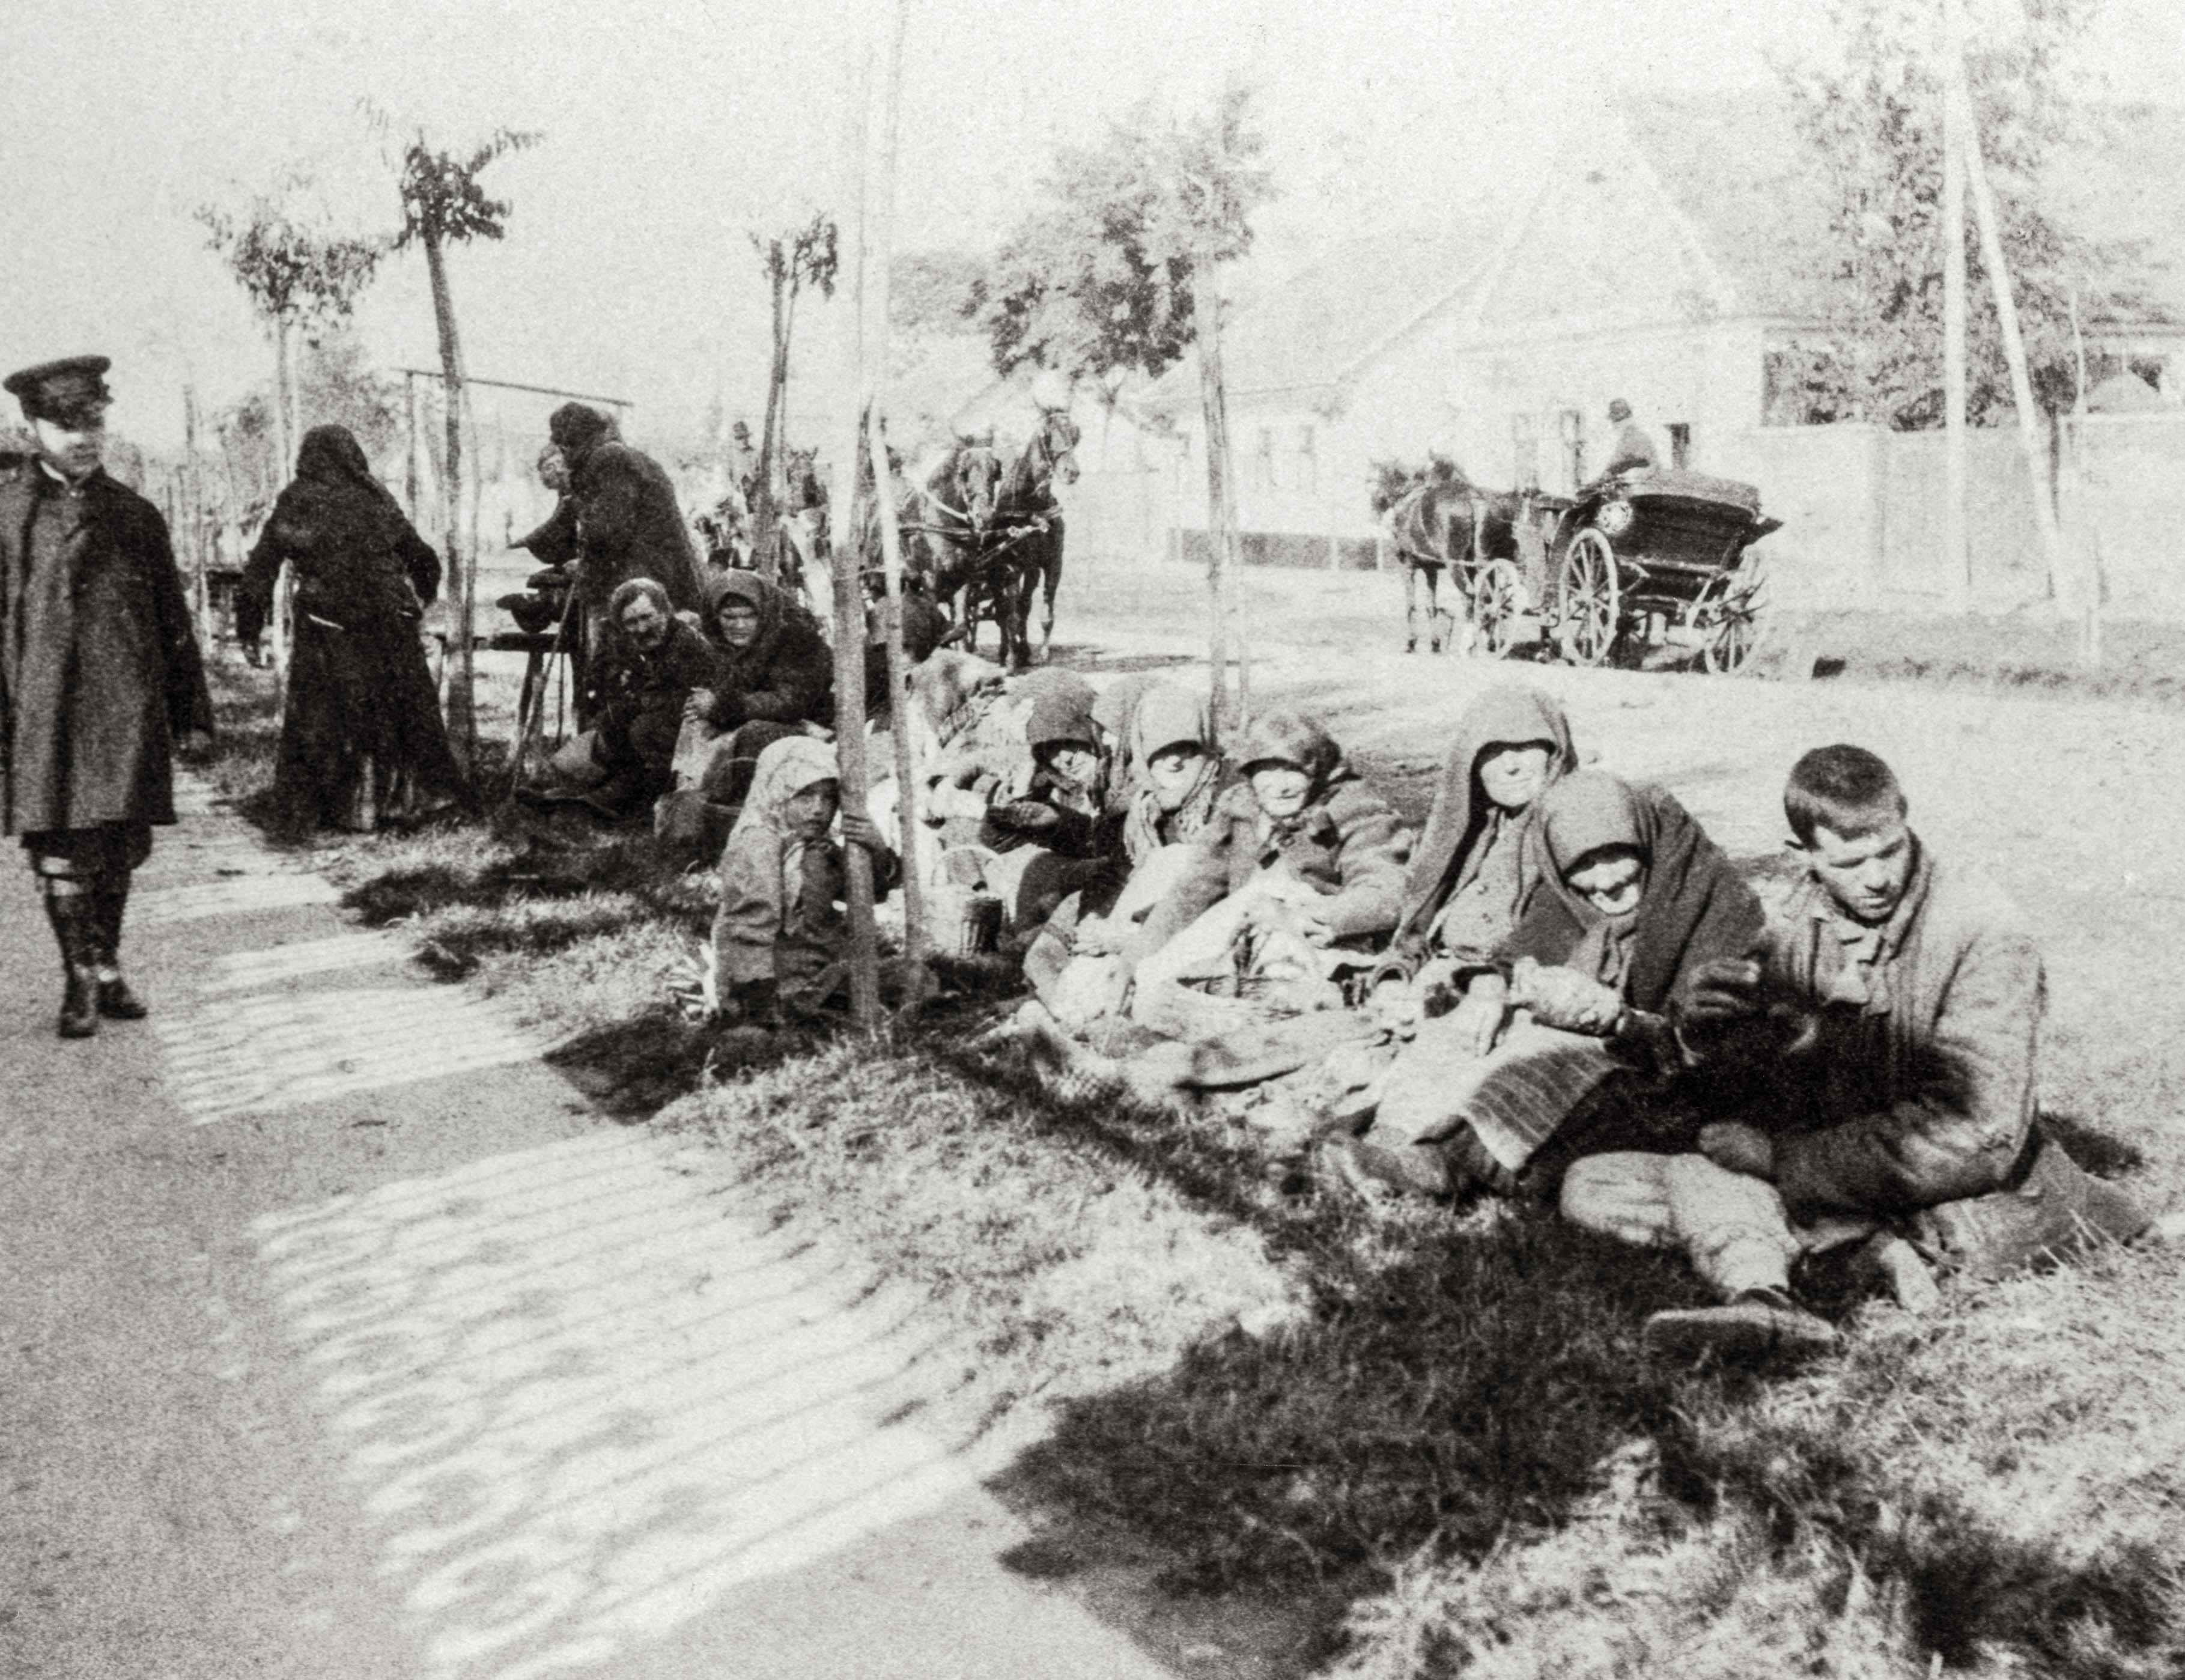 Koldusok. Érzékeny volt a szegényekre, a koldusokra, egyenrangú modellként tekintett rájuk és a városi nagypolgárságra.<br />Zombor, 1907 előtt, F 8502<br /><br />Fotó: Alföldy Flóra © Néprajzi Múzeum<br />